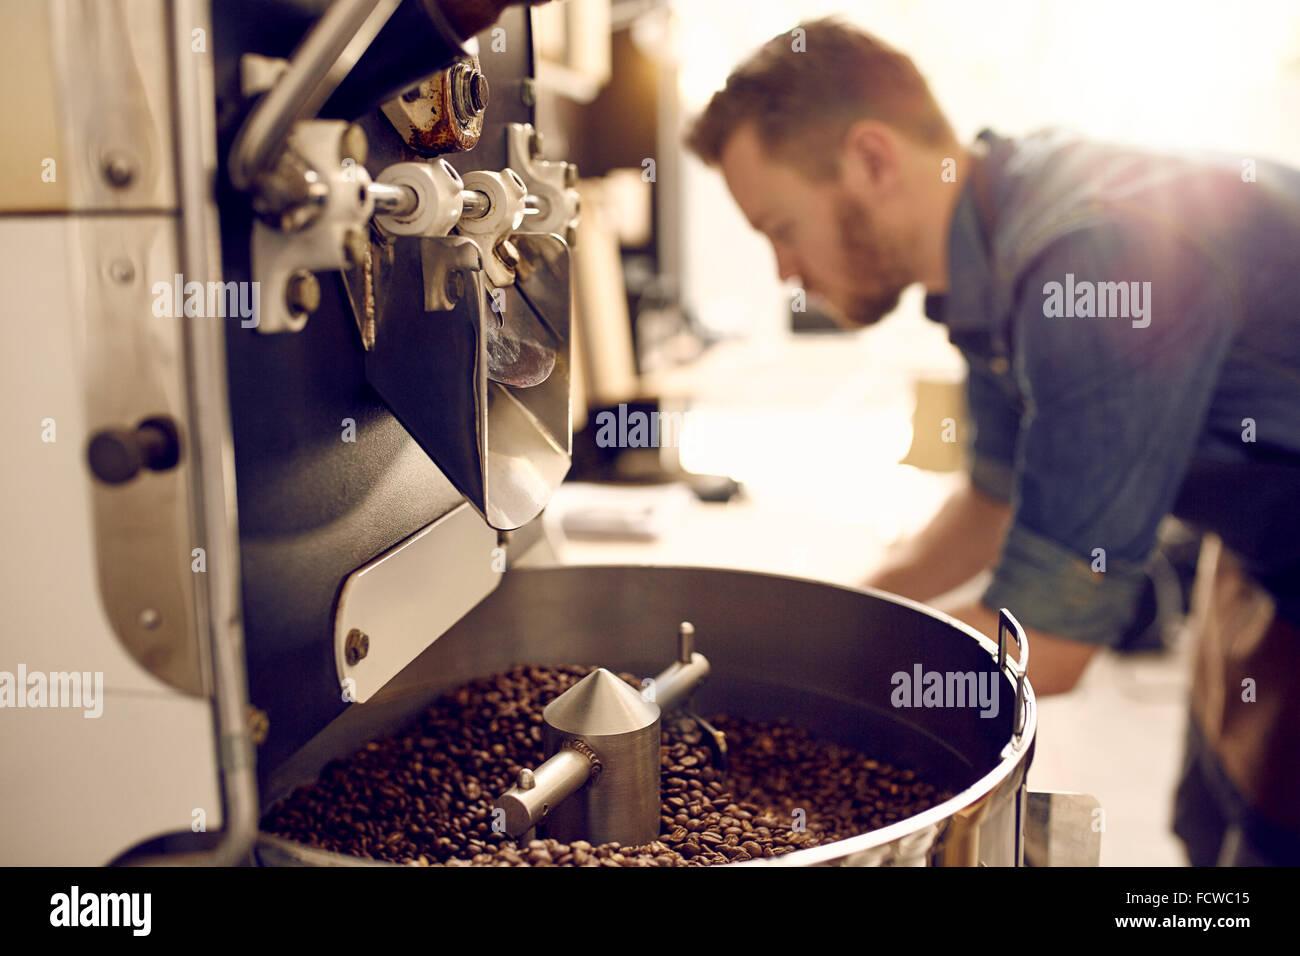 Les grains de café fraîchement torréfié dans une machine moderne Photo Stock